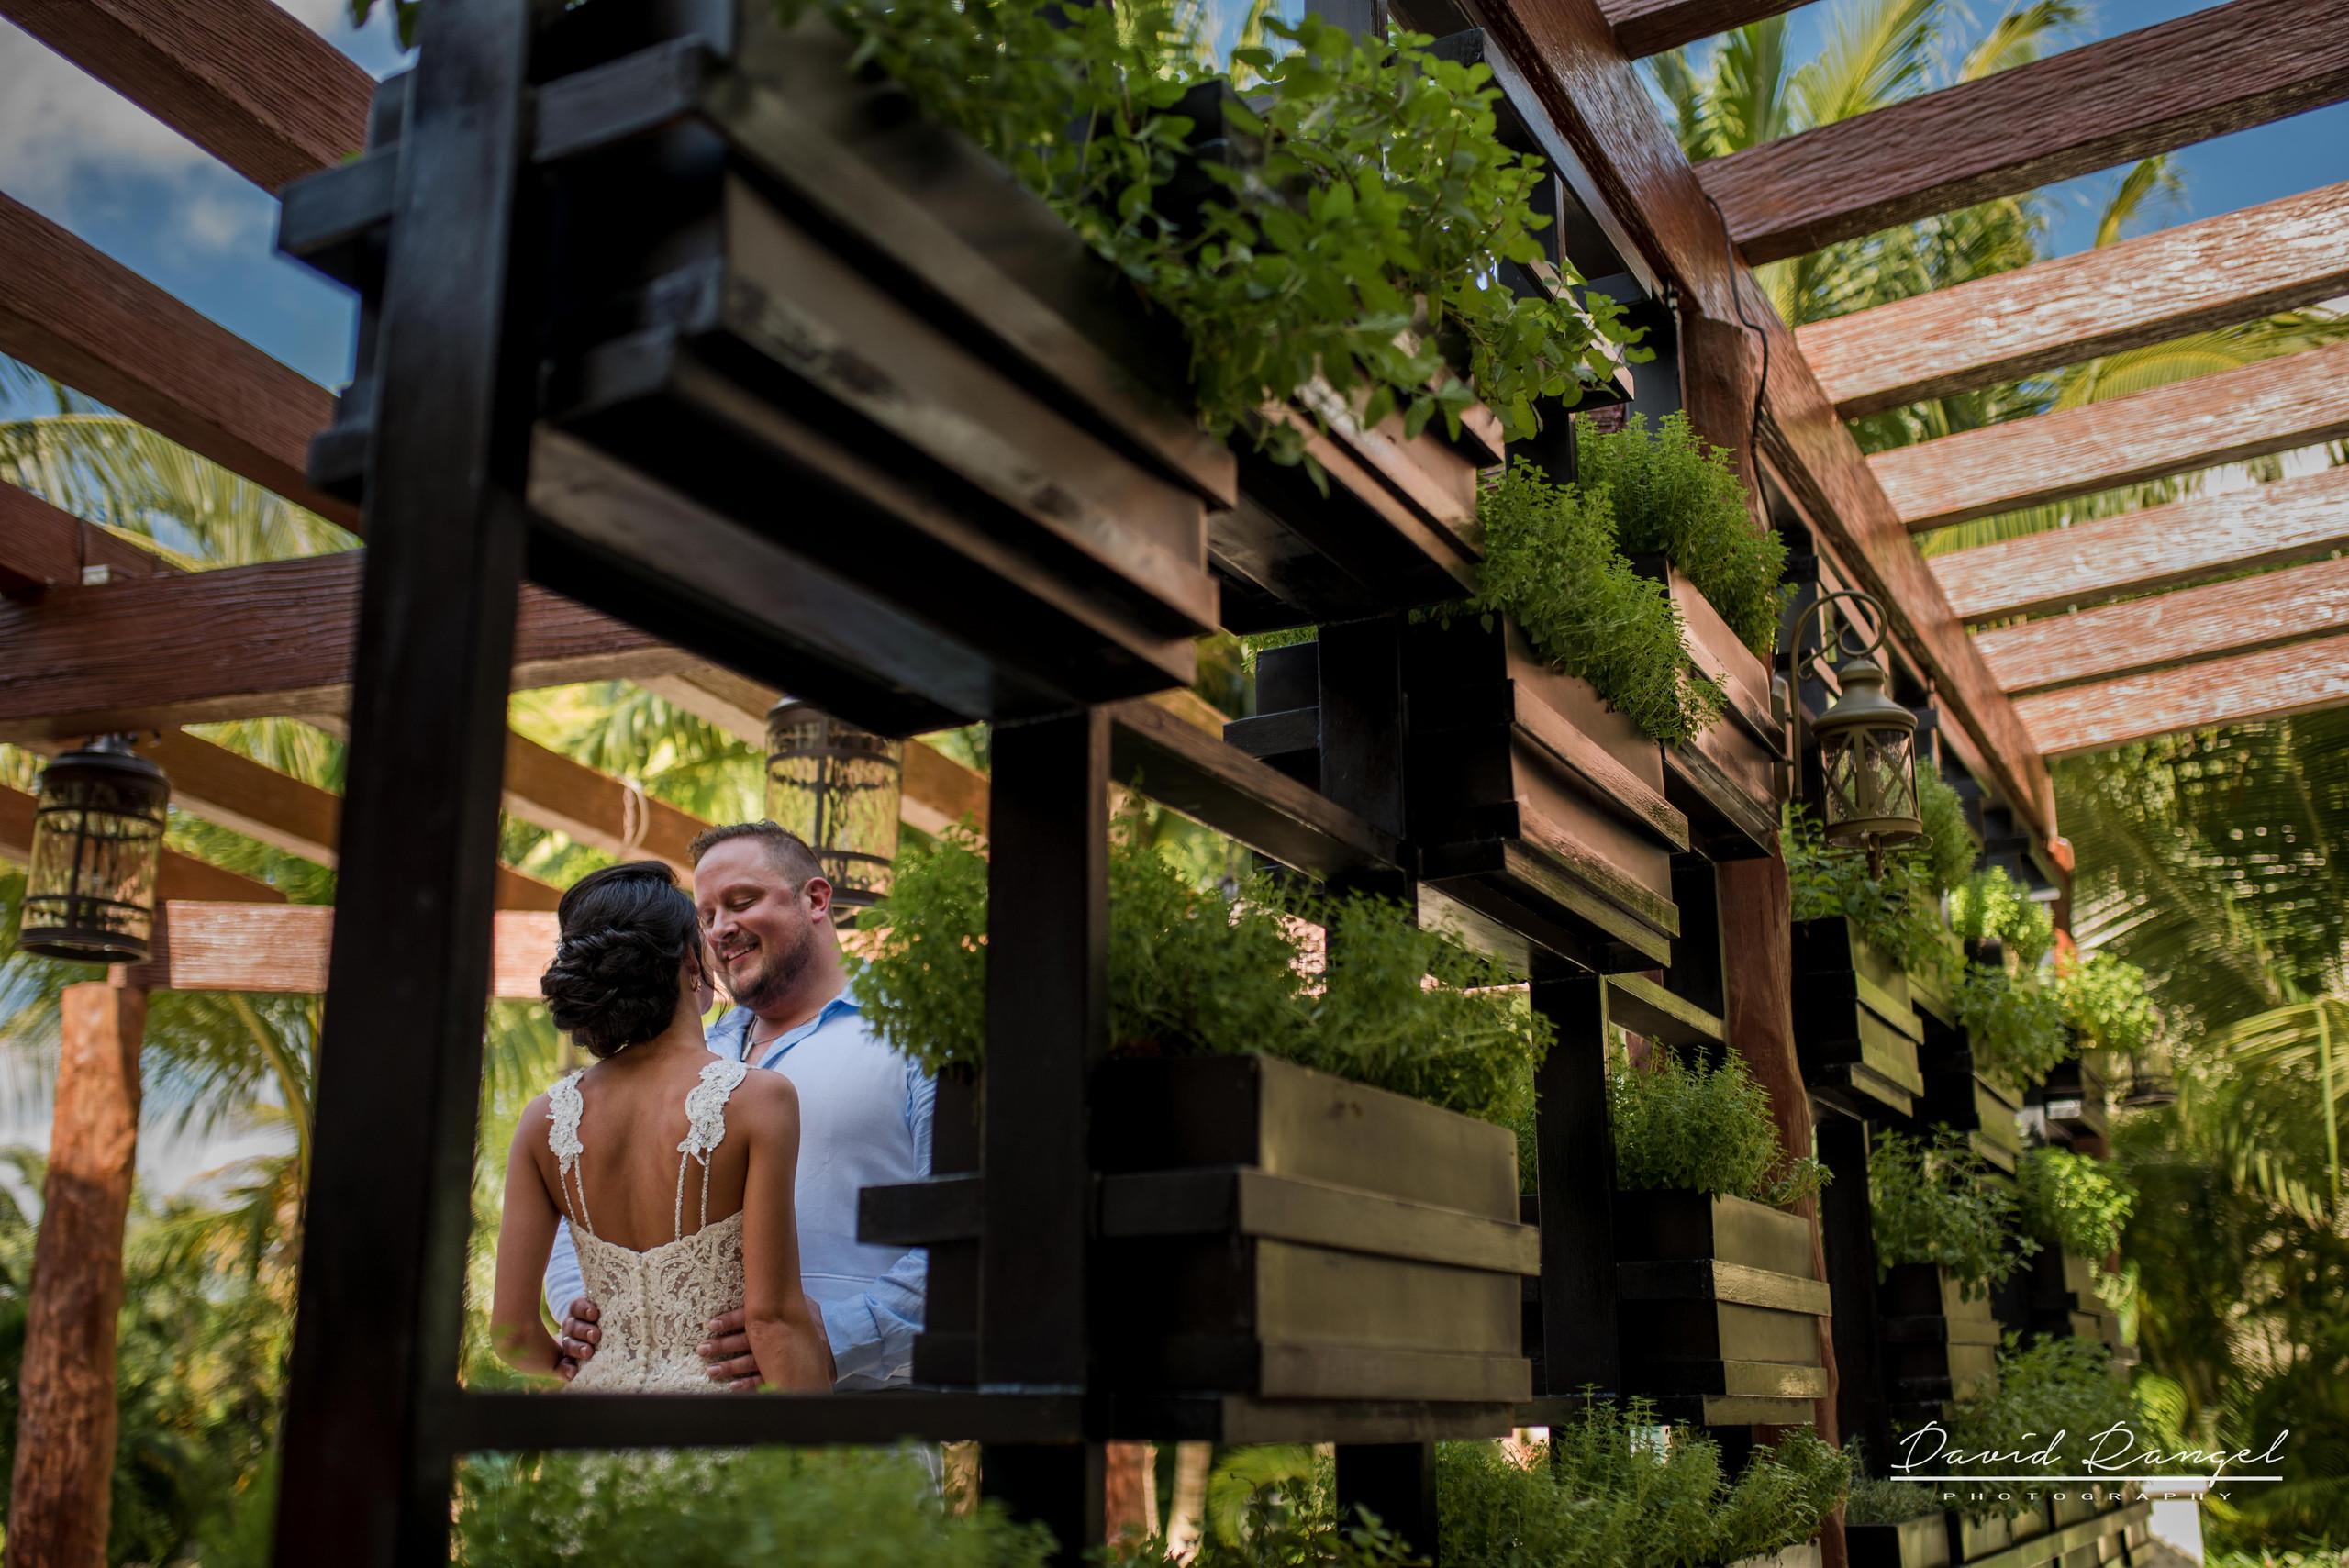 firstlook+bride+groom+to+be+frame